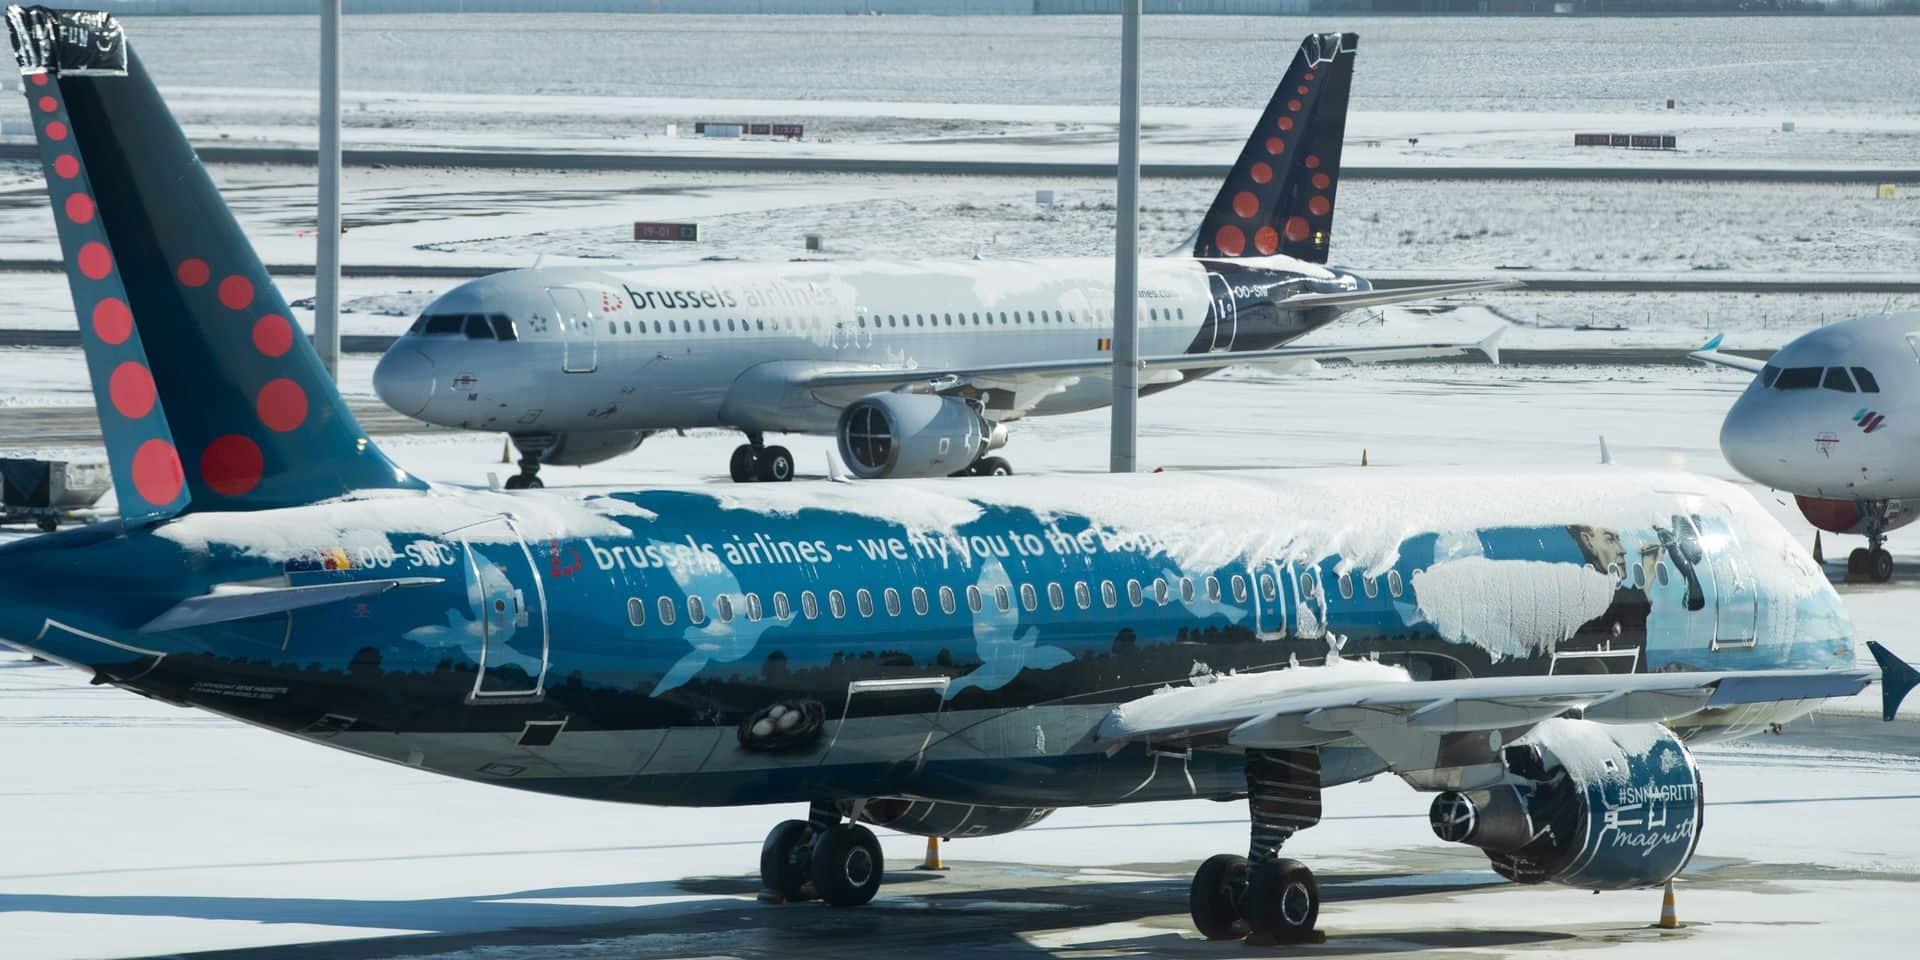 Le chiffre d'affaires de Brussels Airlines s'effondre de 72 %